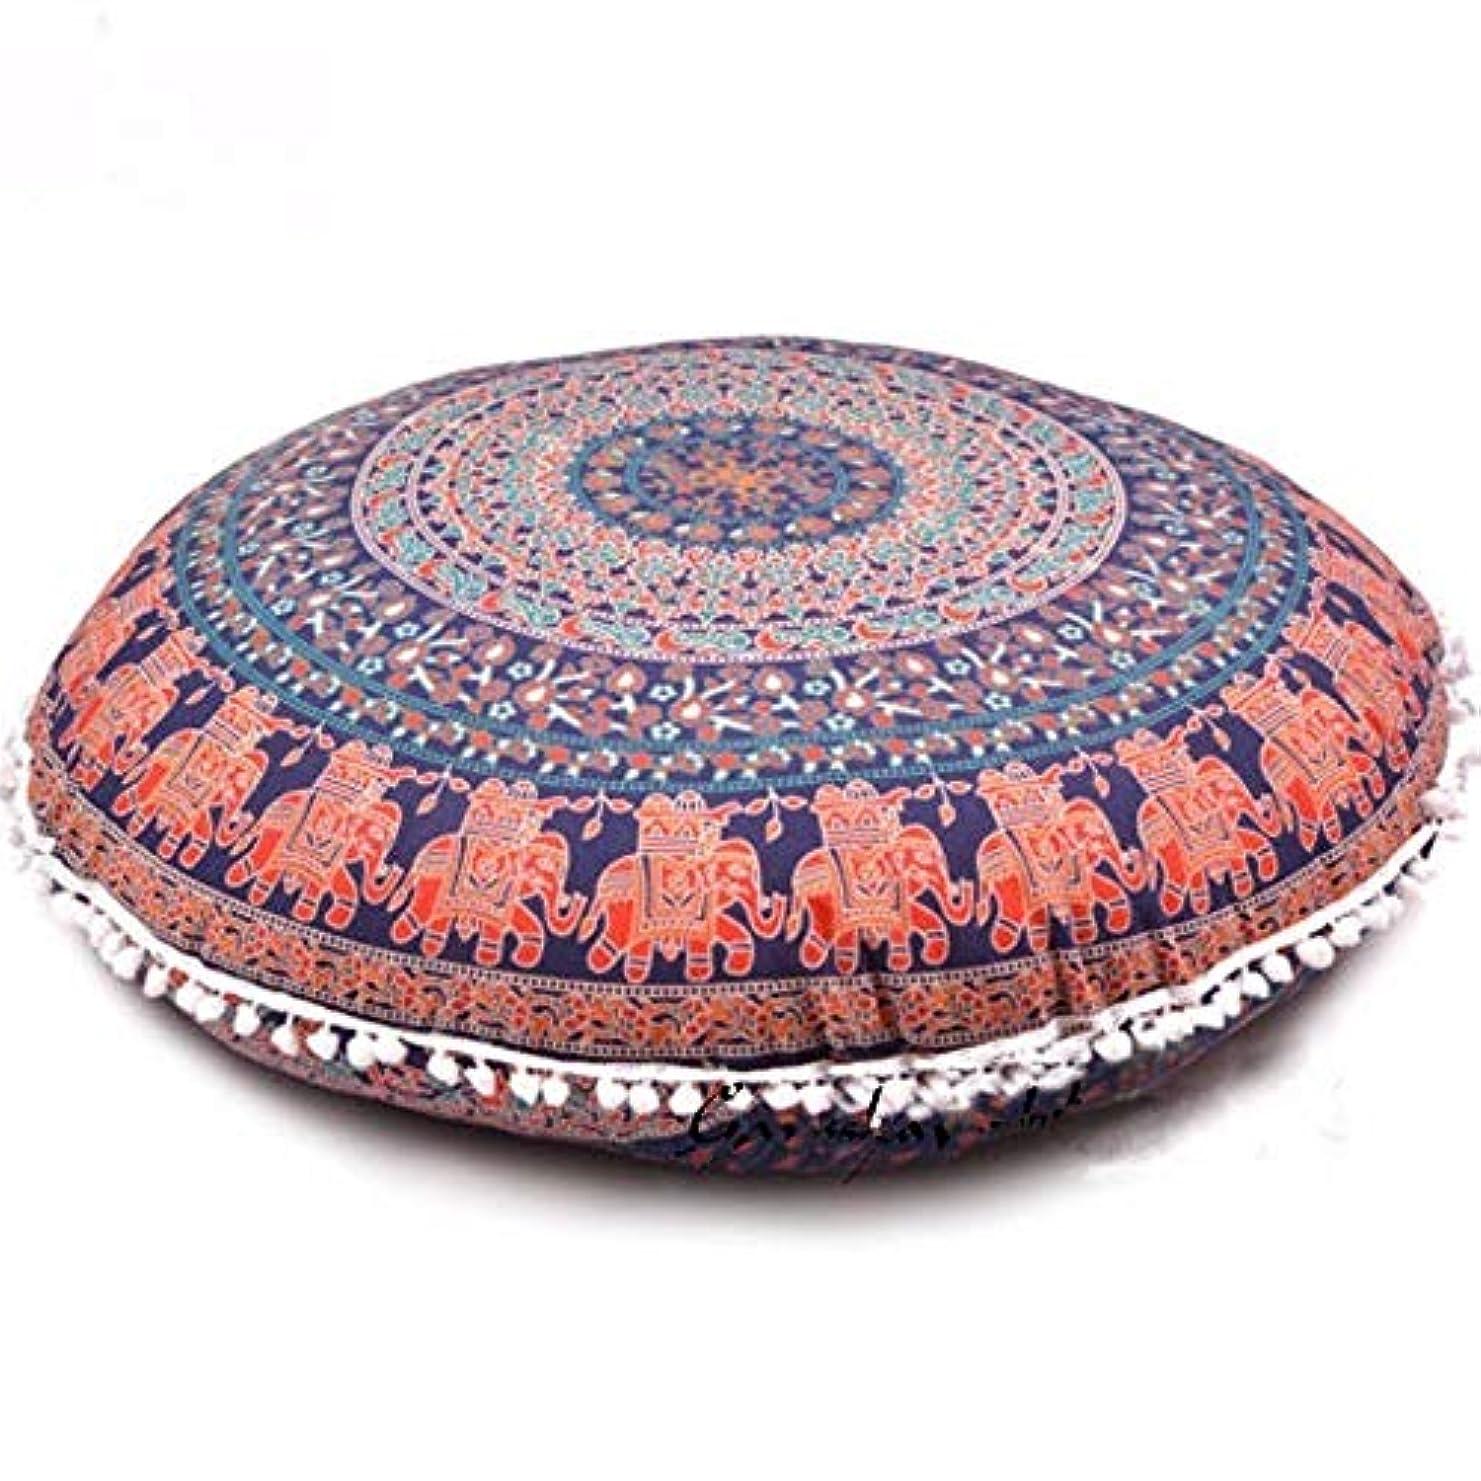 物足りない全能階段LIFE2017 カラフルな曼荼羅床枕オットマンラウンドボヘミアン瞑想クッション枕プーフクッション 椅子